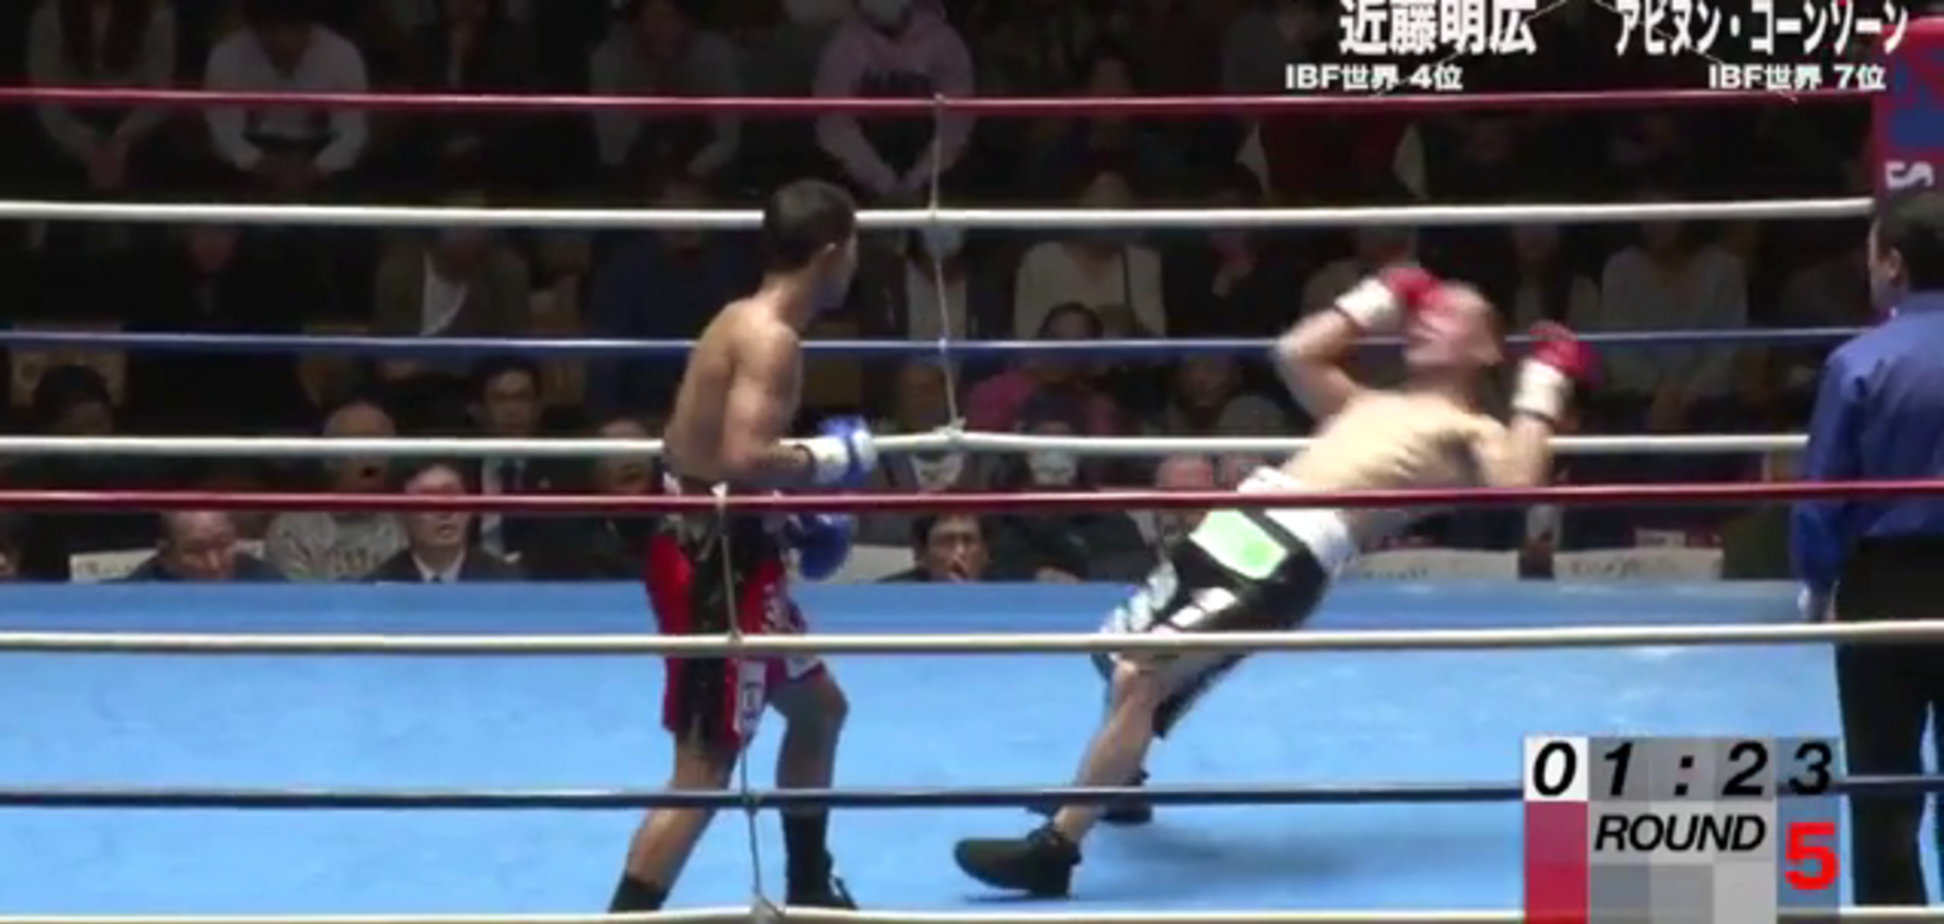 Непереможний боксер страшним нокаутом 'убив' суперника